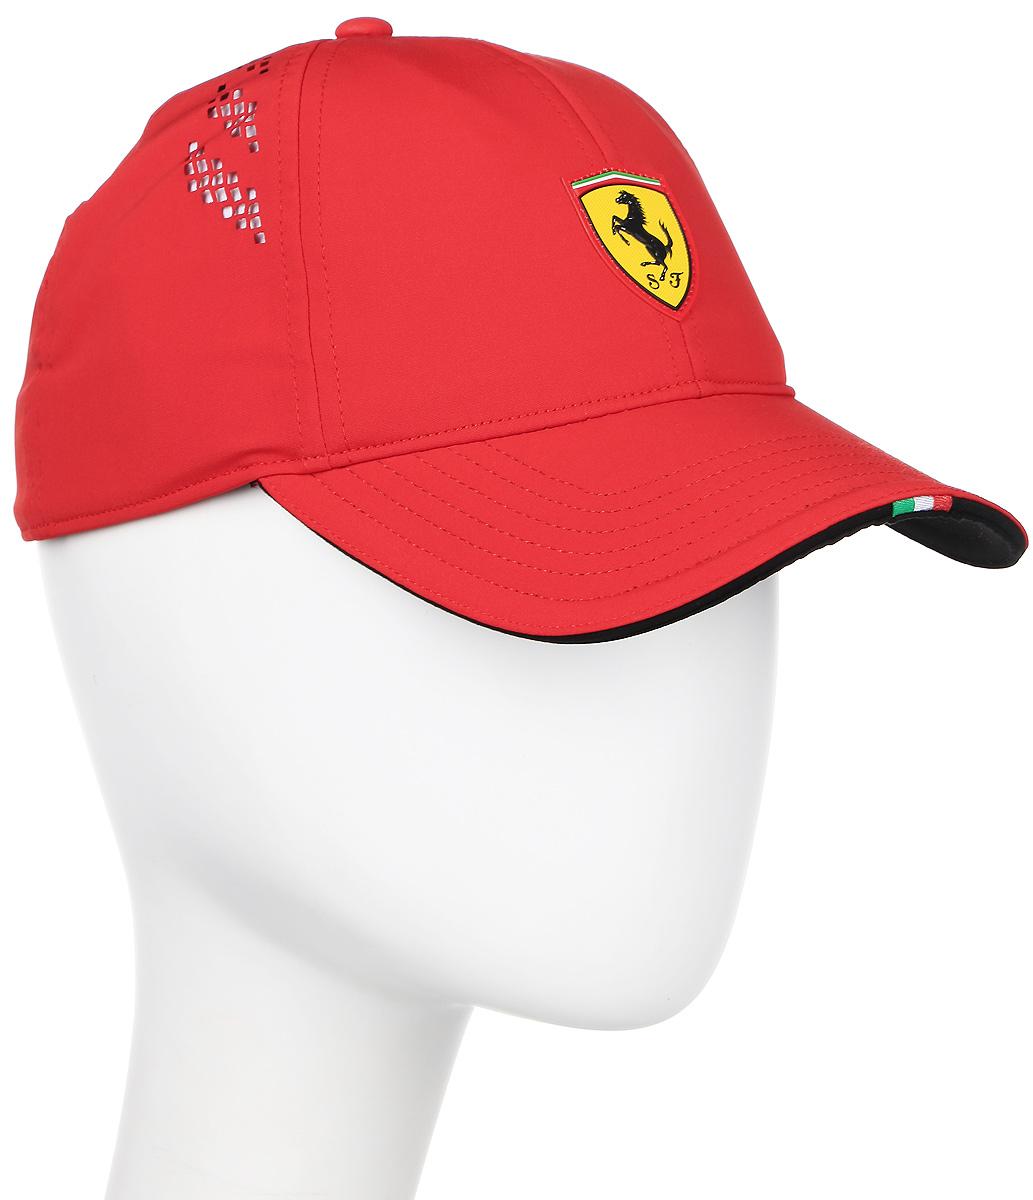 Бейсболка Puma Ferrari Fanwear force SF cap, цвет: красный. 021201_01. Размер S/M (56)021201_01Бейсболка Ferrari Fanwear force SF cap с логотипом Ferrari и итальянским флагом на козырьке станет бессменным спутником на все заезды любимой команды. Модель имеет изогнутый козырек с контрастной внутренней стороной, плотную посадку с эластичной лентой вдоль головы и лазерную перфорацию по сторонам. Бейсболка декорирована гербом Ferrari из термопластичного полиуретана спереди и логотипом Puma сзади.